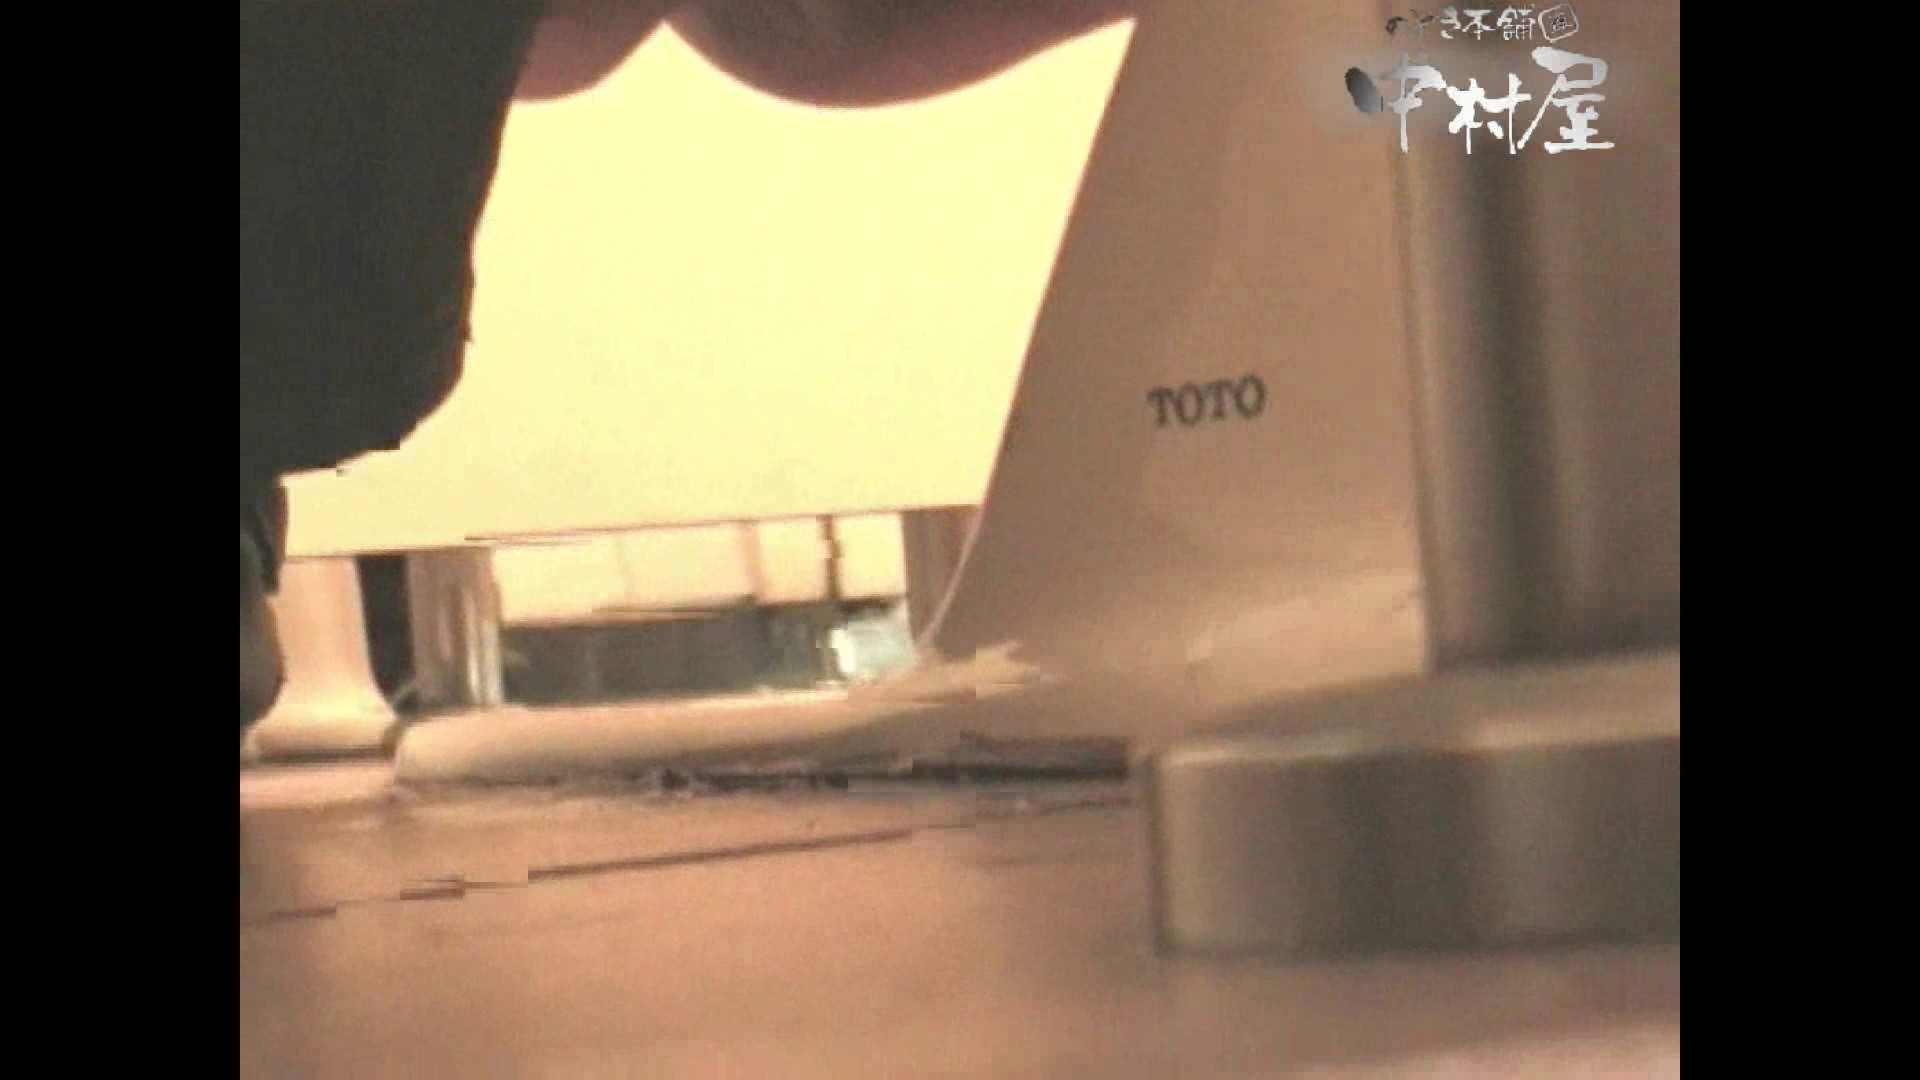 岩手県在住盗撮師盗撮記録vol.04 エッチな盗撮 のぞき動画キャプチャ 98pic 66